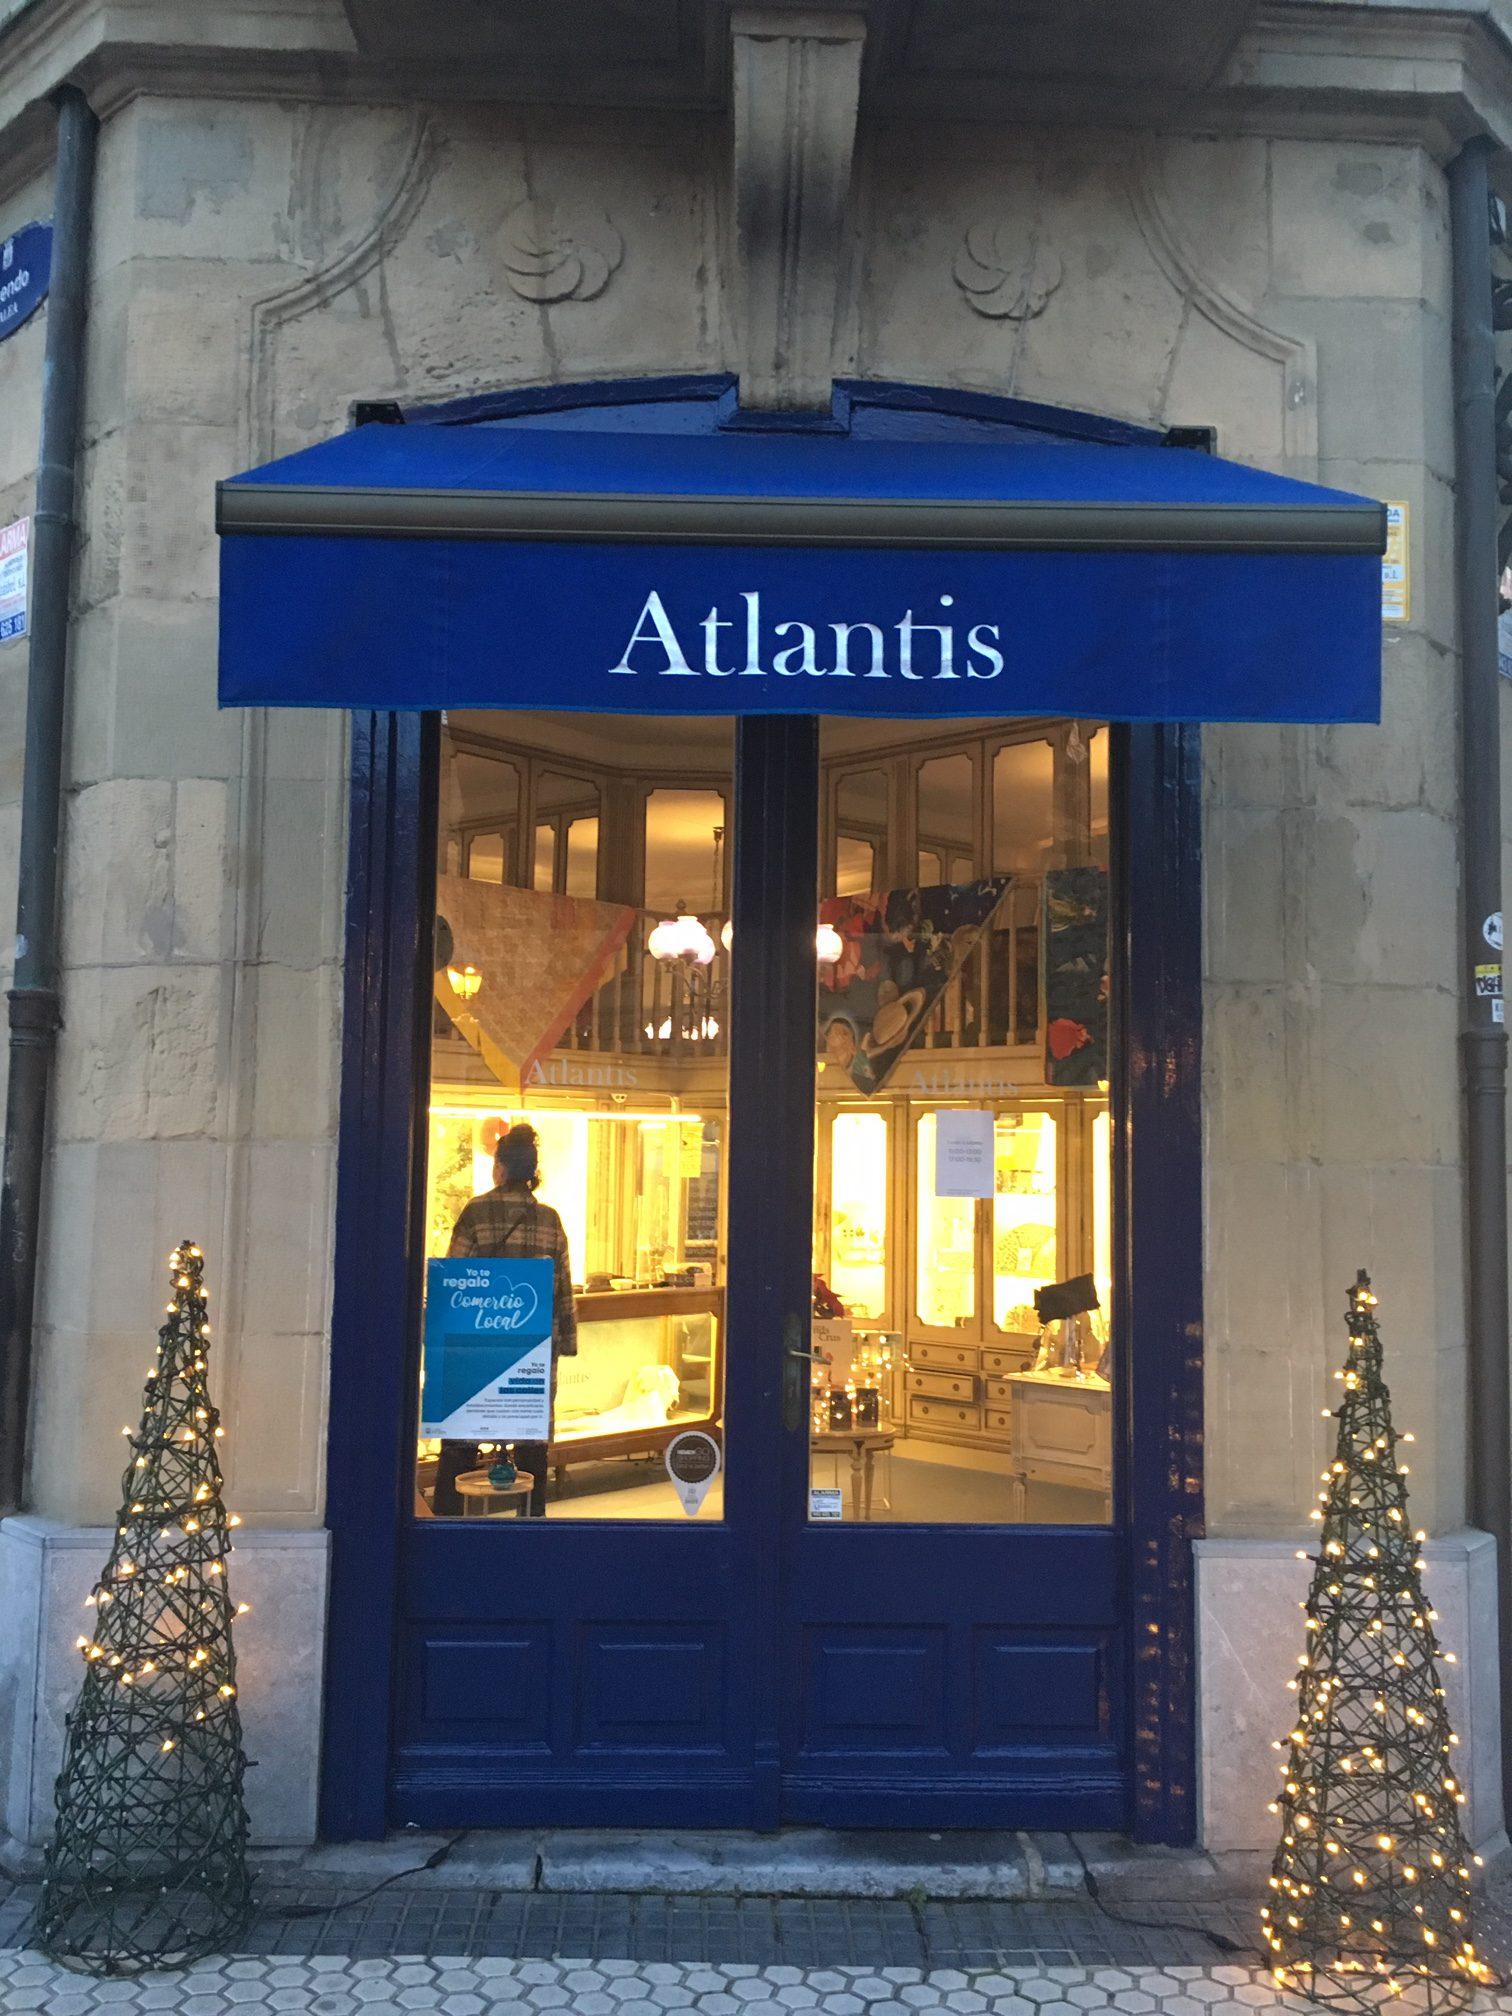 Atlantis store in San Sebastian